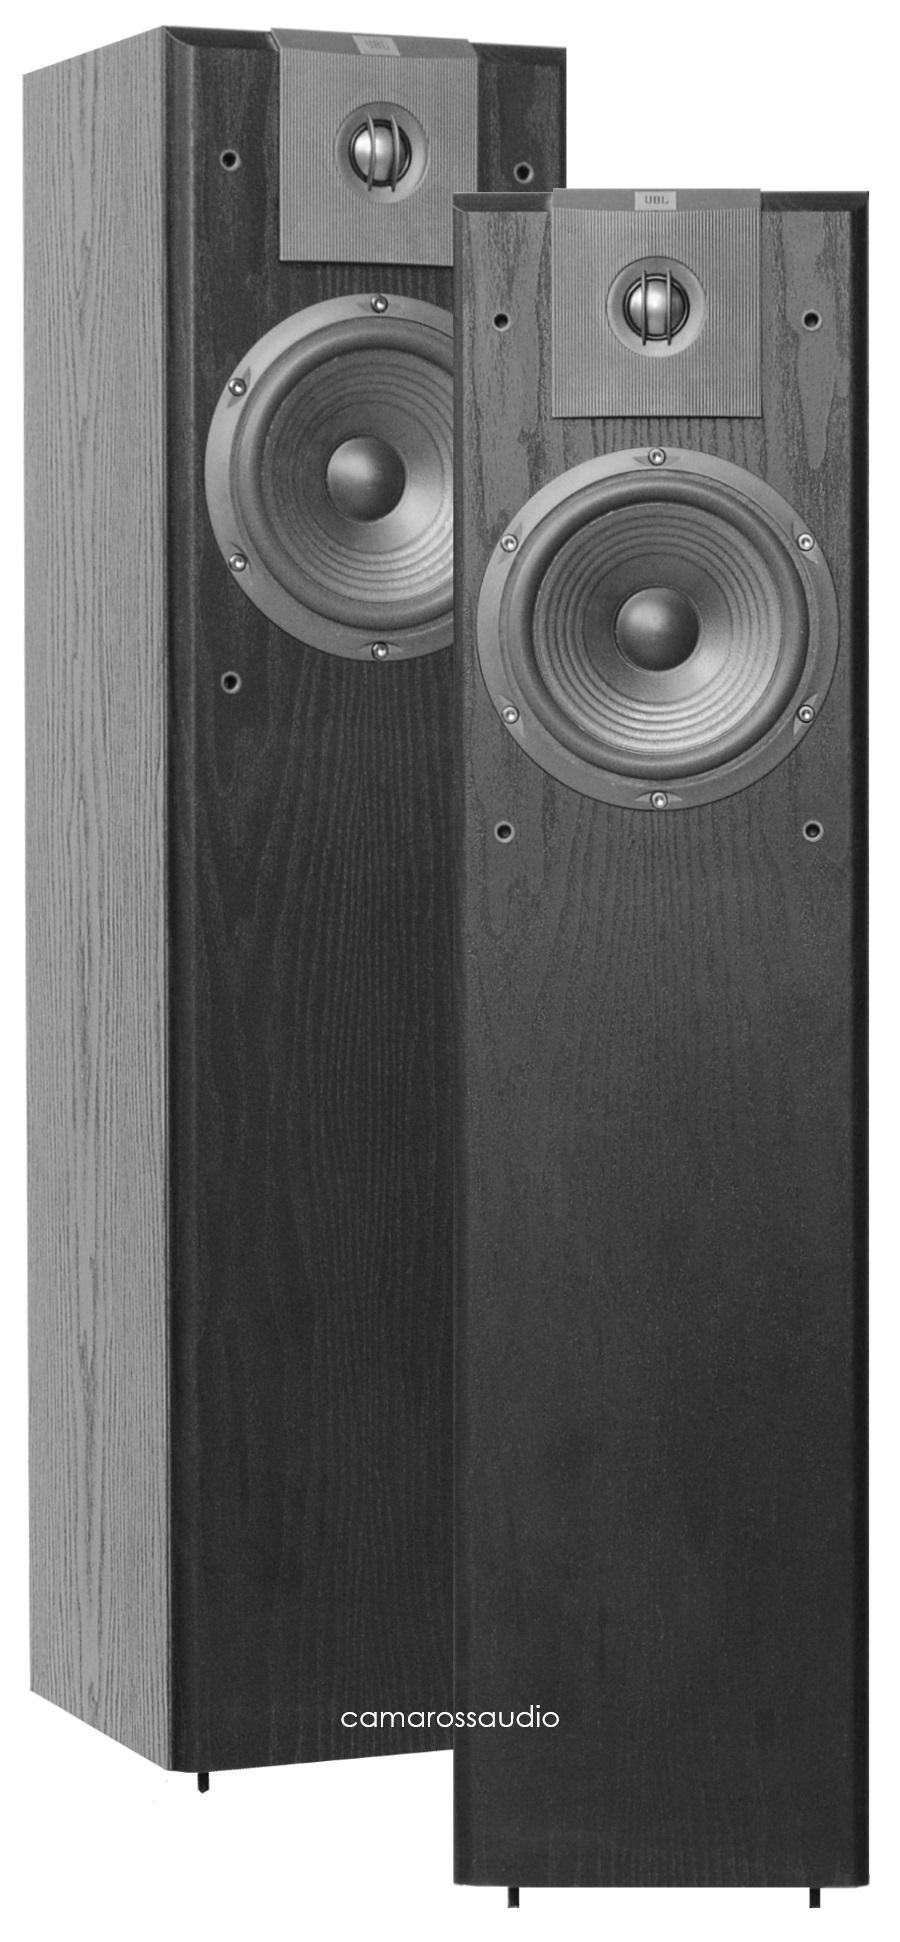 jbl jbllx jb2003 jbllx2003 speaker. Black Bedroom Furniture Sets. Home Design Ideas